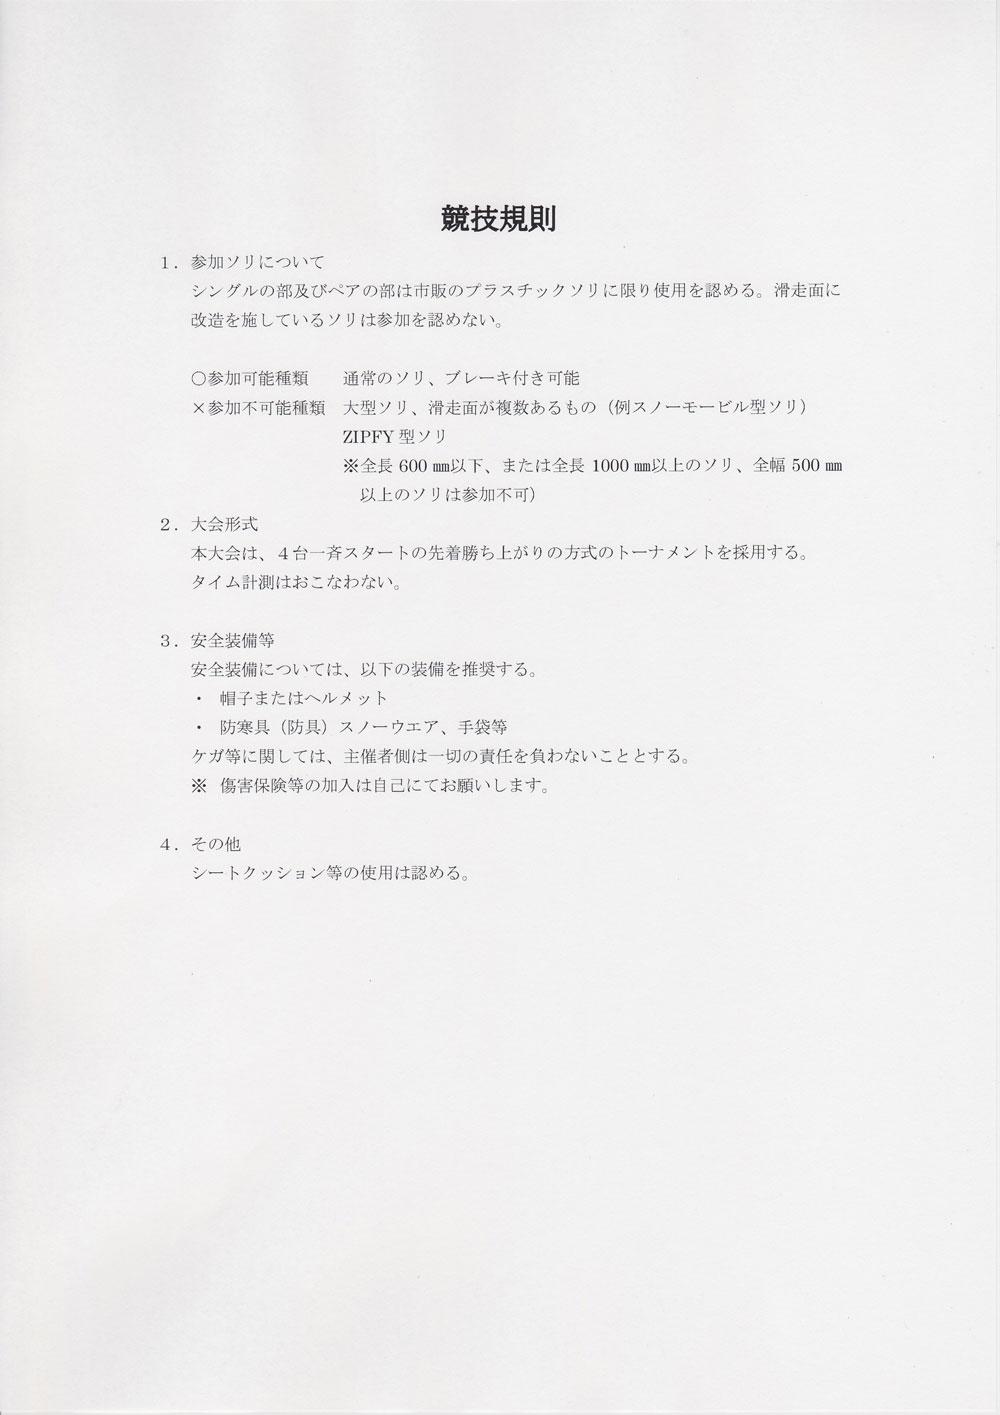 ソリワングランプリ2020世界大会開 競技規則